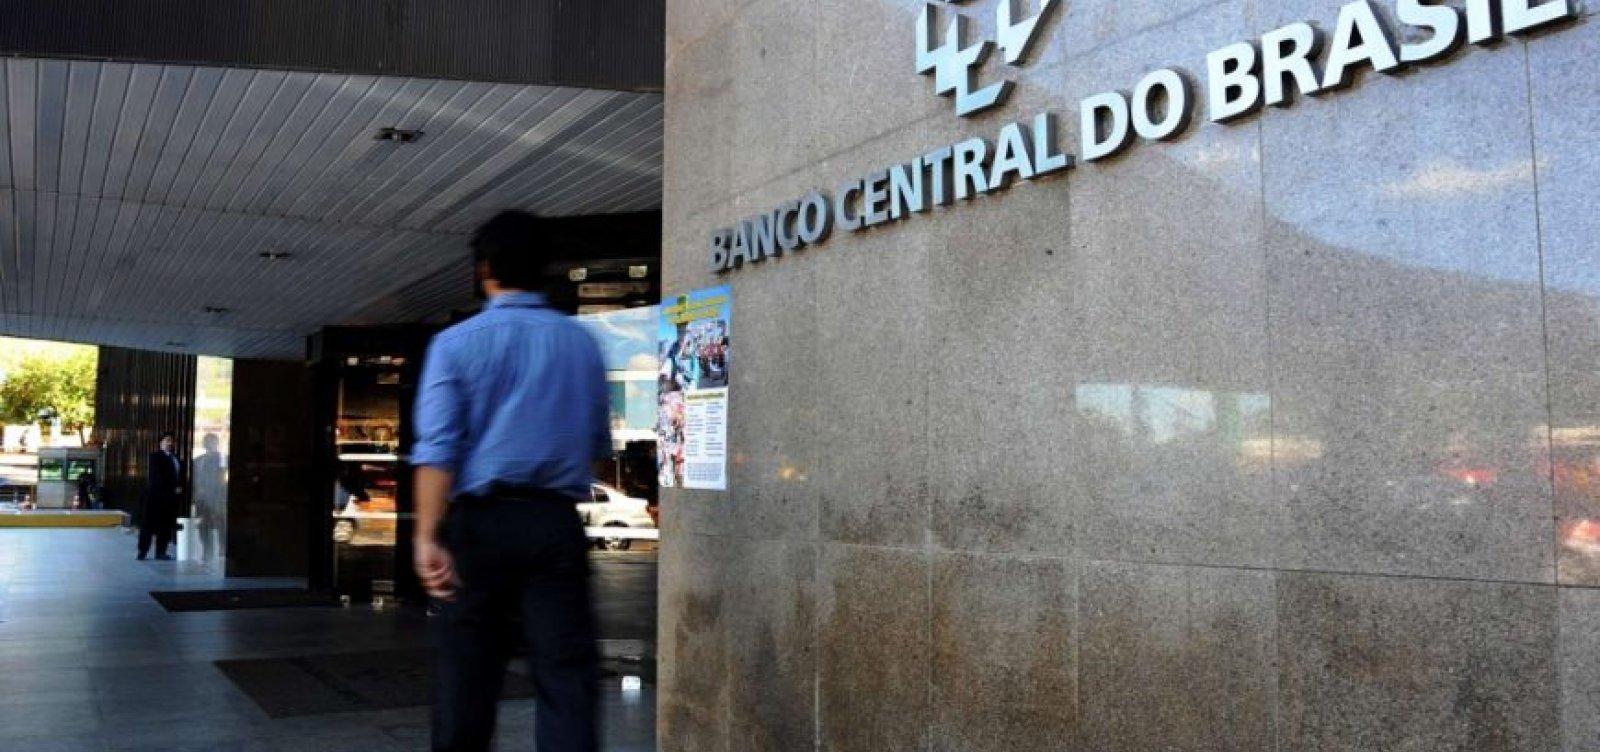 Banco Central estuda medidas para promover educação financeira